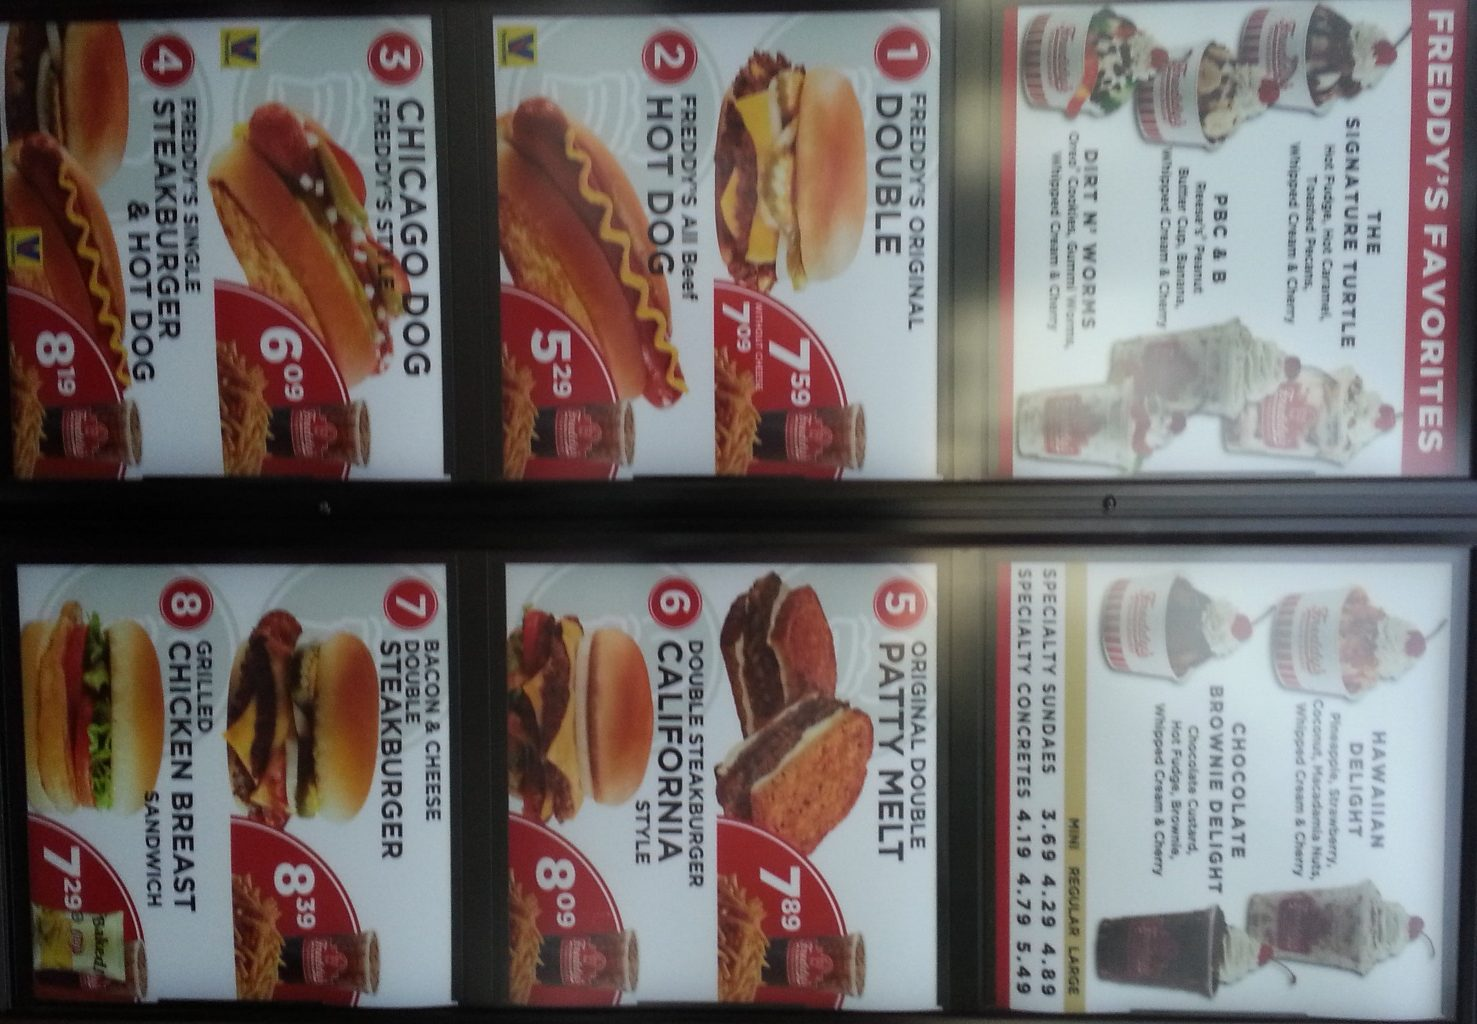 freddys menu